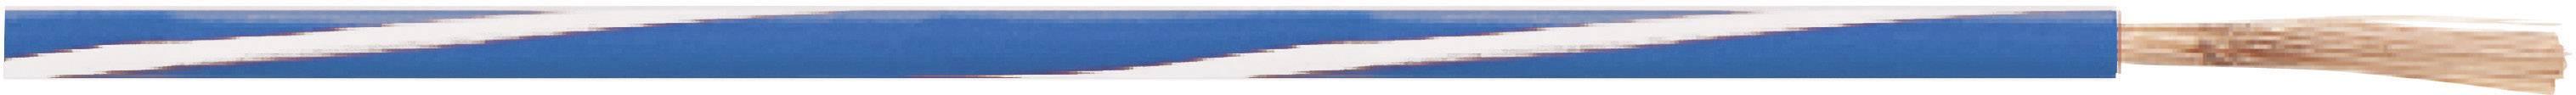 Opletenie / lanko LappKabel 4510103S X05V-K, 1 x 1 mm², vonkajší Ø 2.80 mm, 250 m, priehľadná